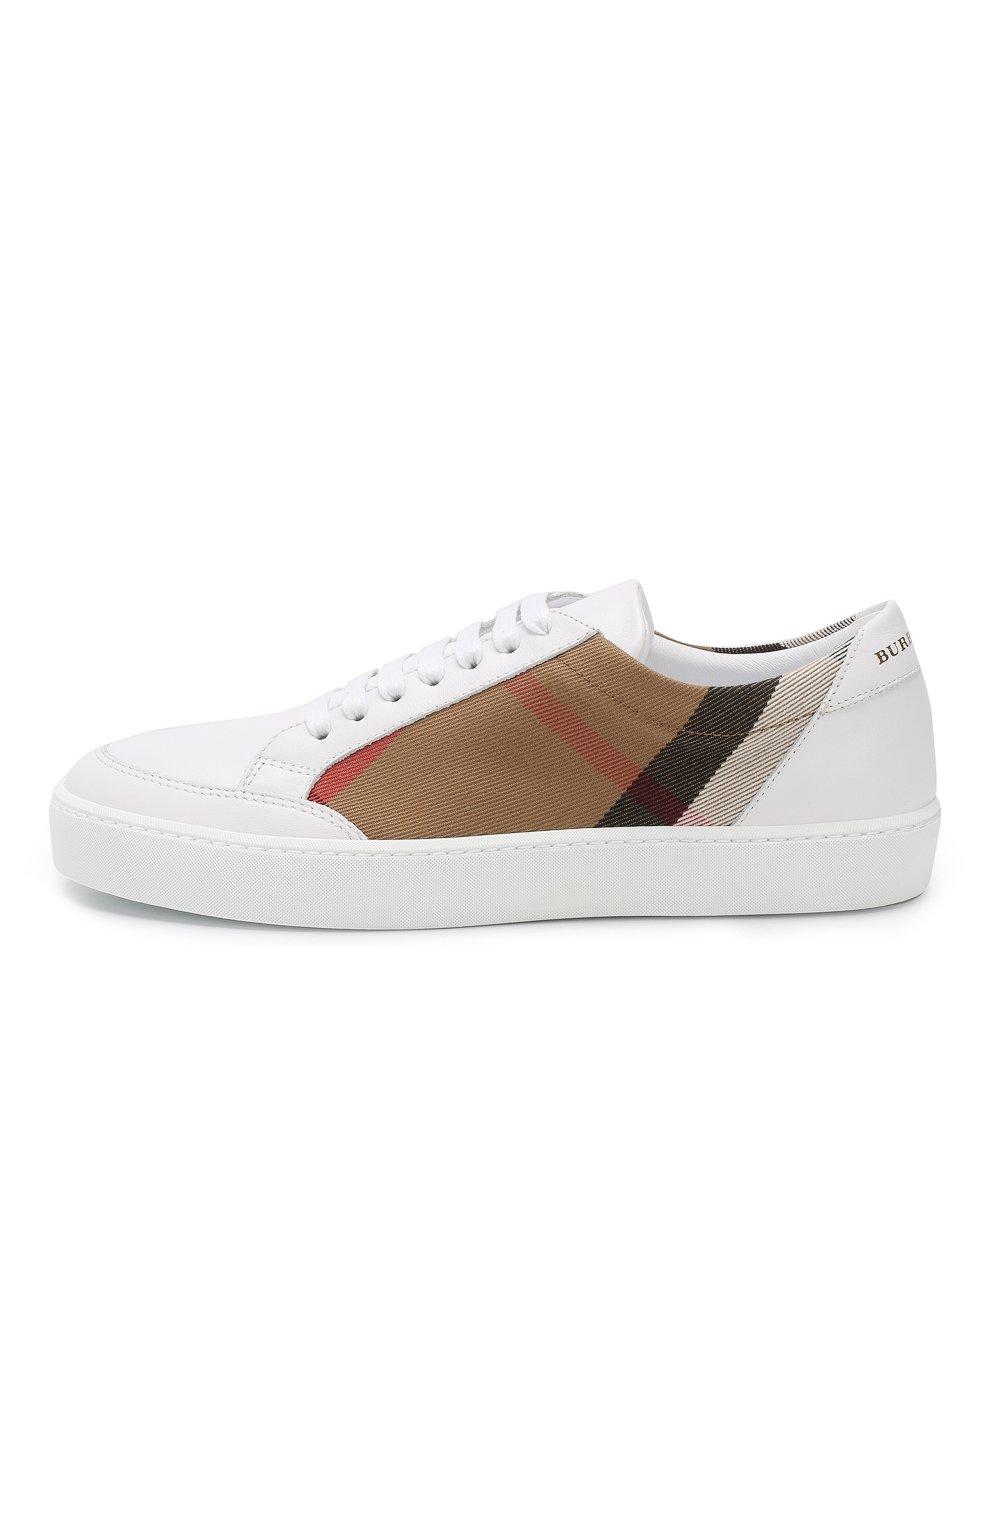 Женская обувь Burberry по цене от 14 700 руб. купить в интернет-магазине ЦУМ 2508f198075